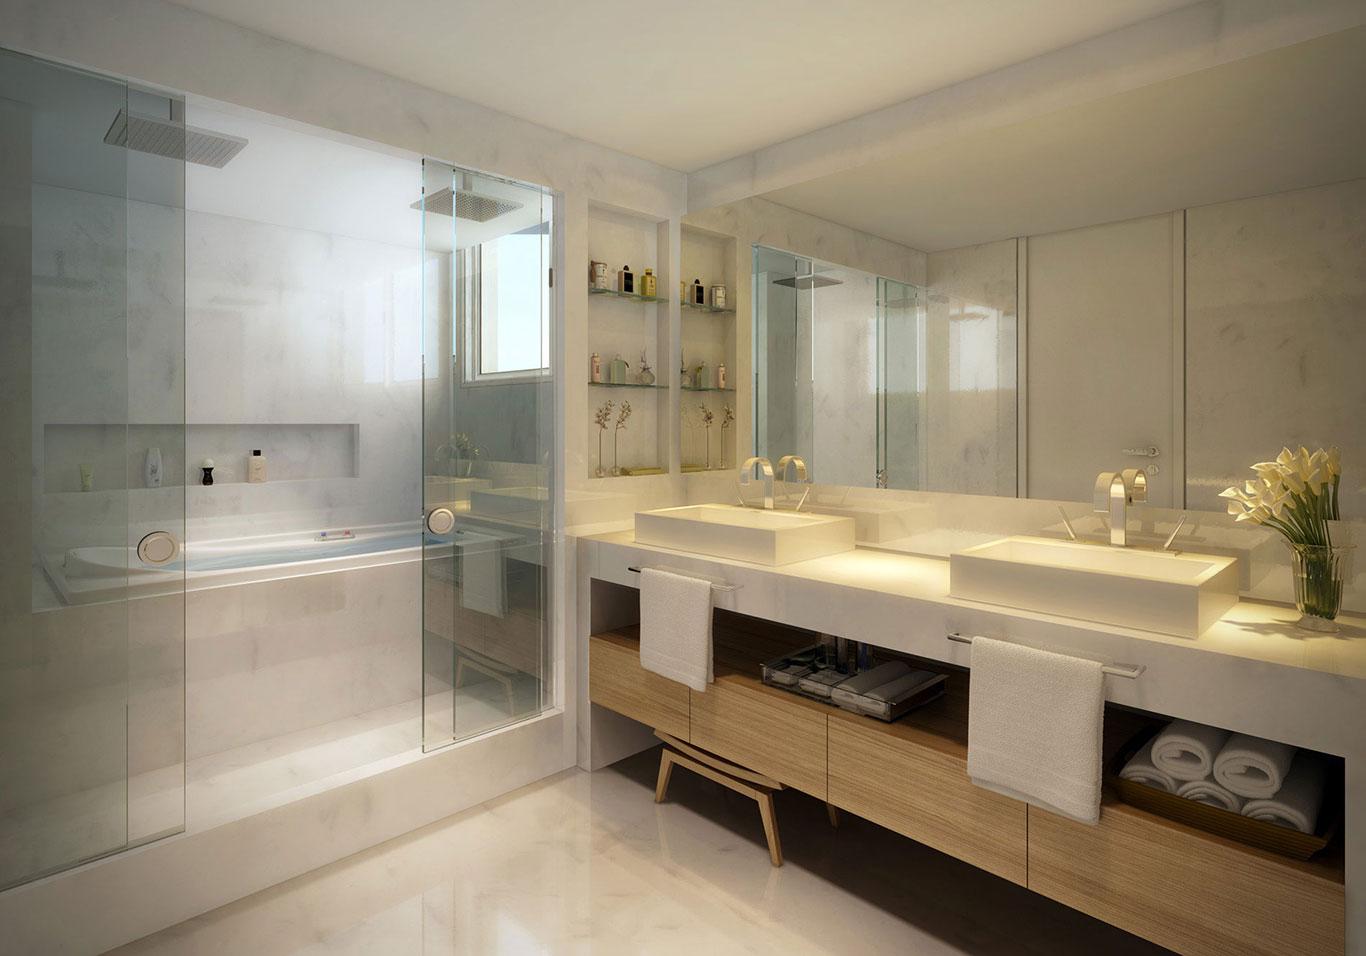 Roldana embutida: Uma ótima novidade que permite o fechamento  #2A2016 1366x956 Banheiro Com Banheira Casal